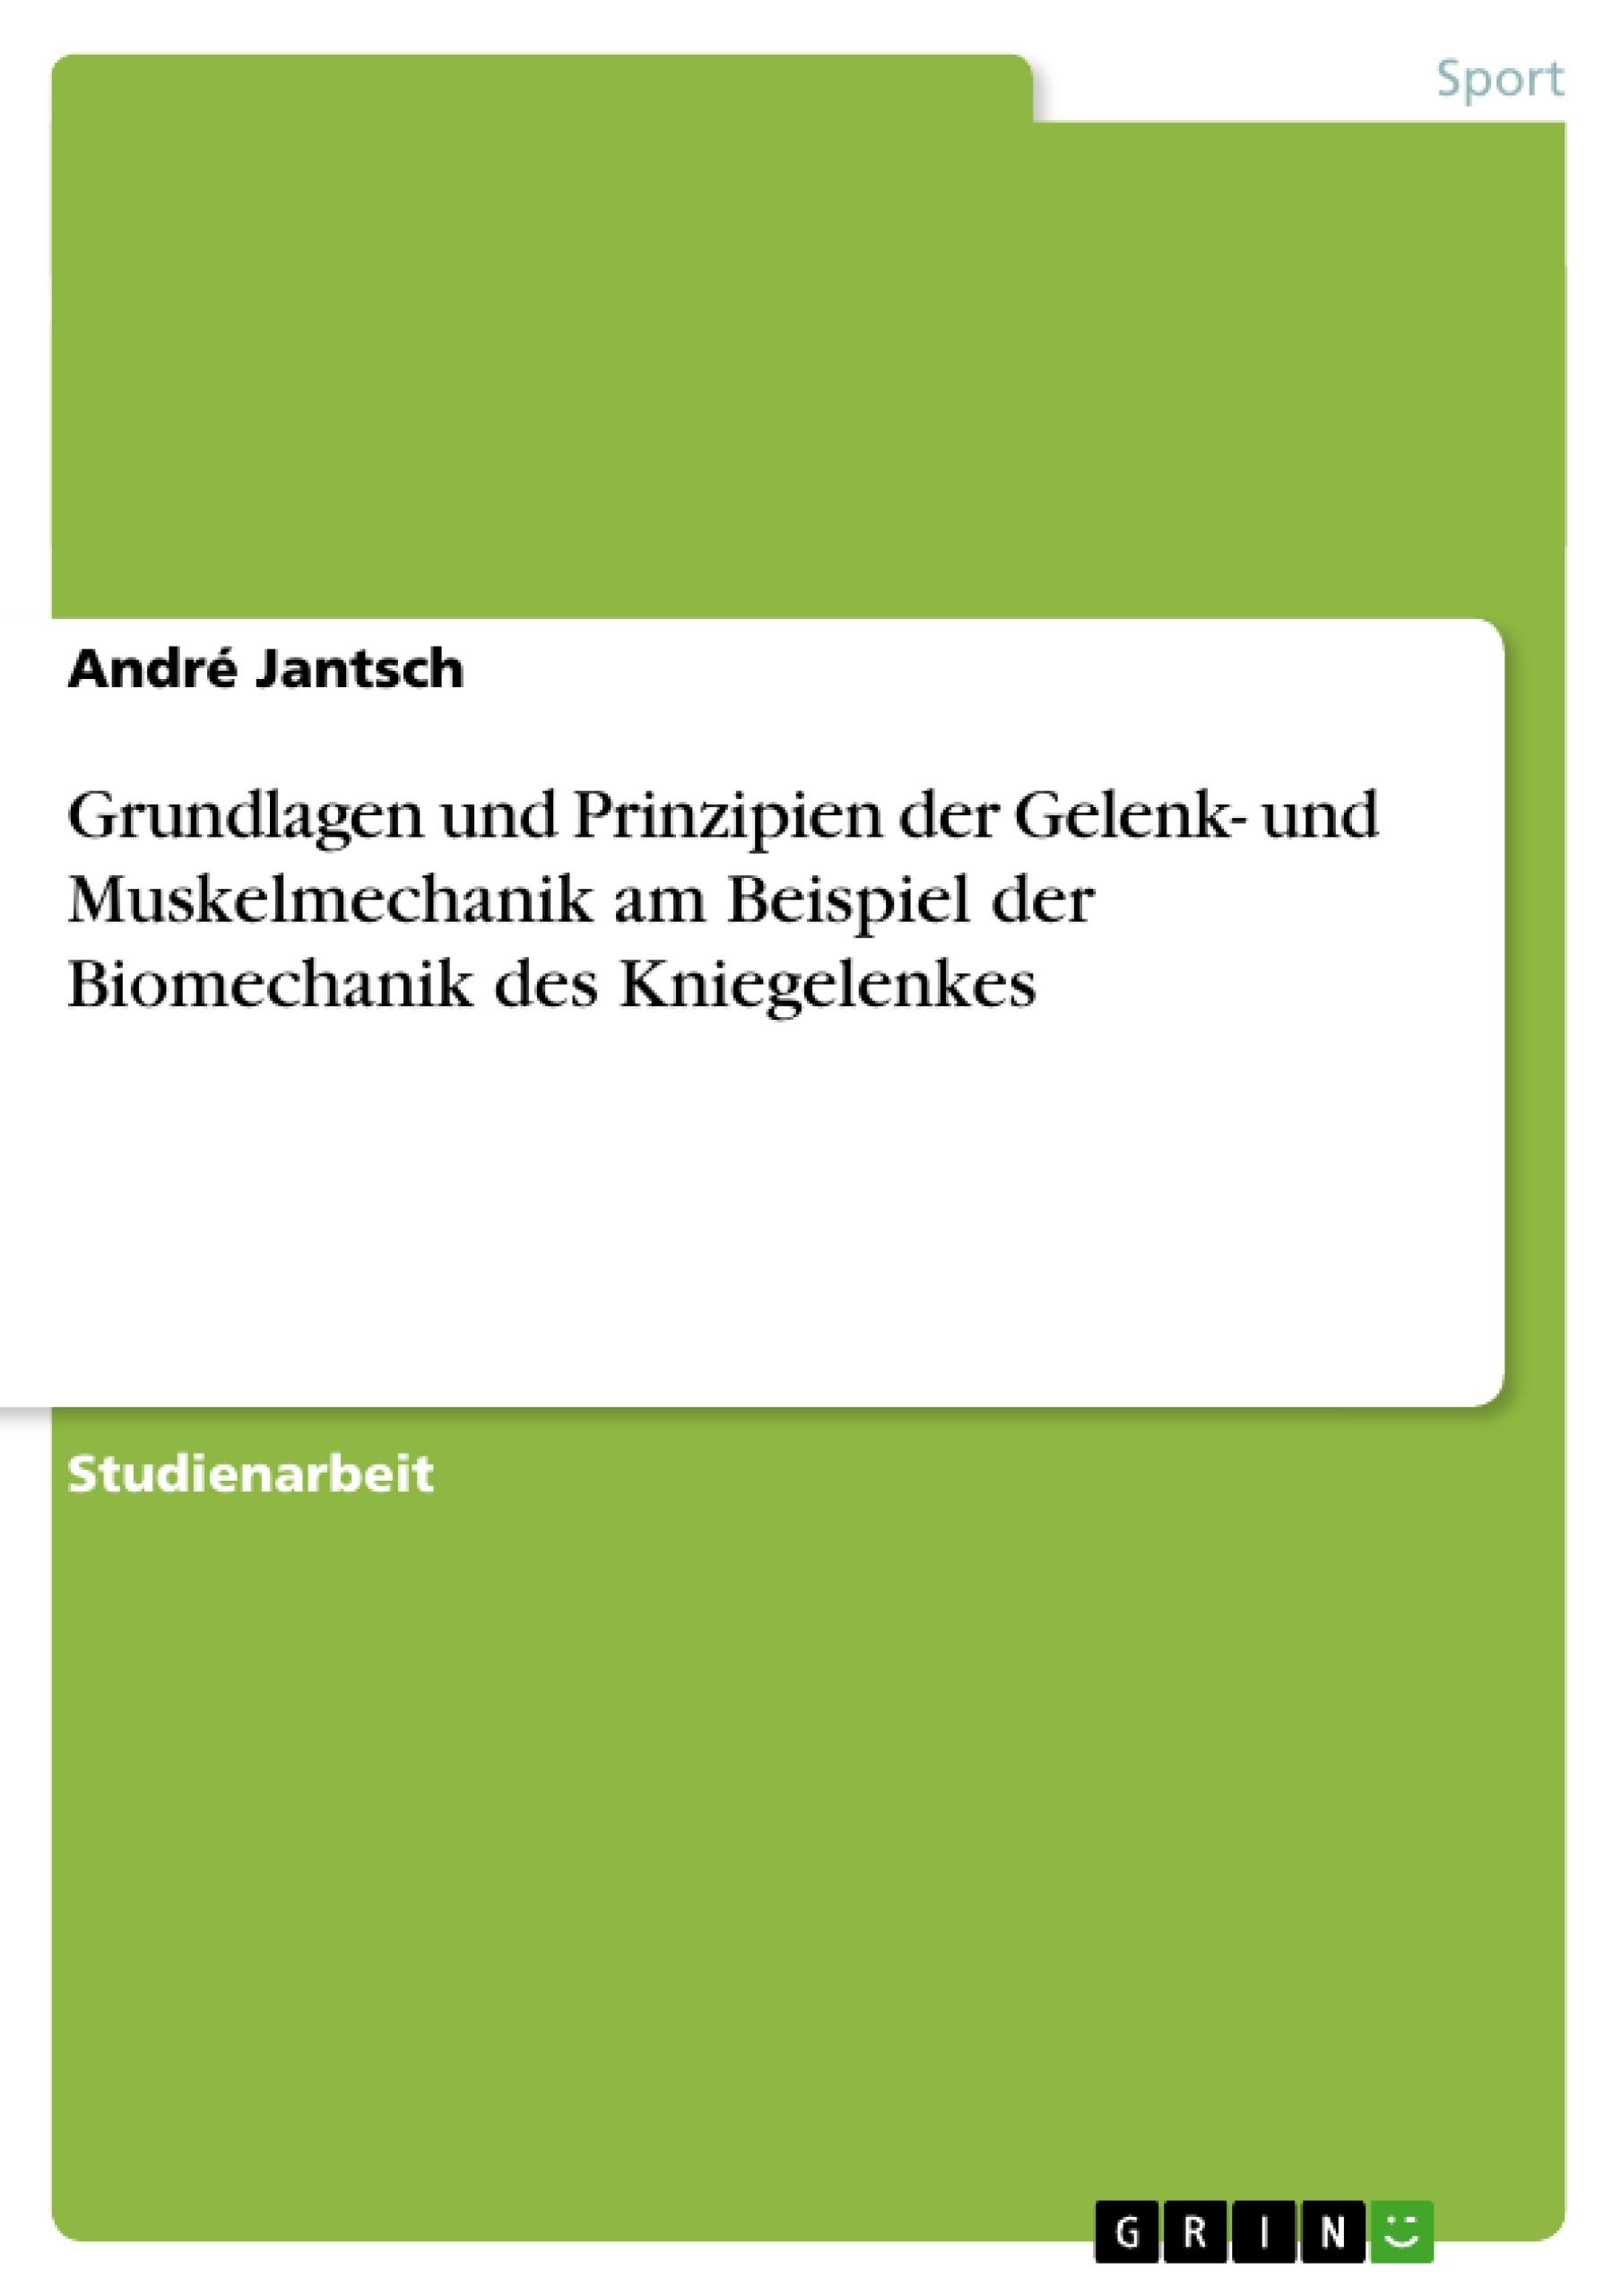 Grundlagen und Prinzipien der Gelenk- und Muskelmechanik am ...